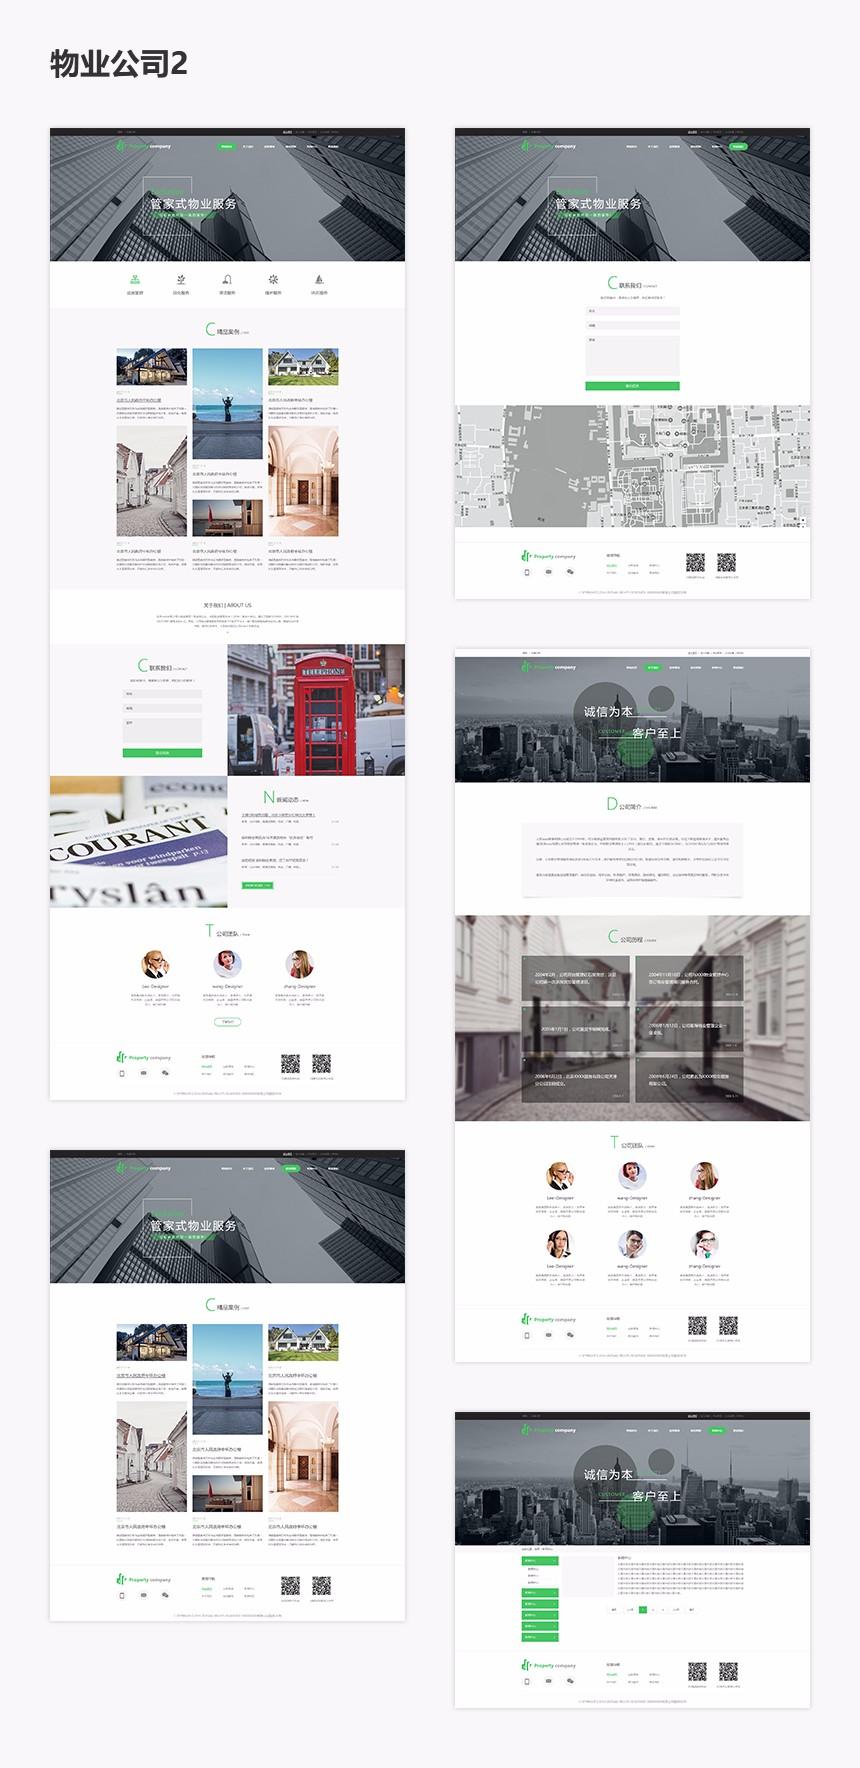 重庆物业管理公司物业行业网站建设.jpg